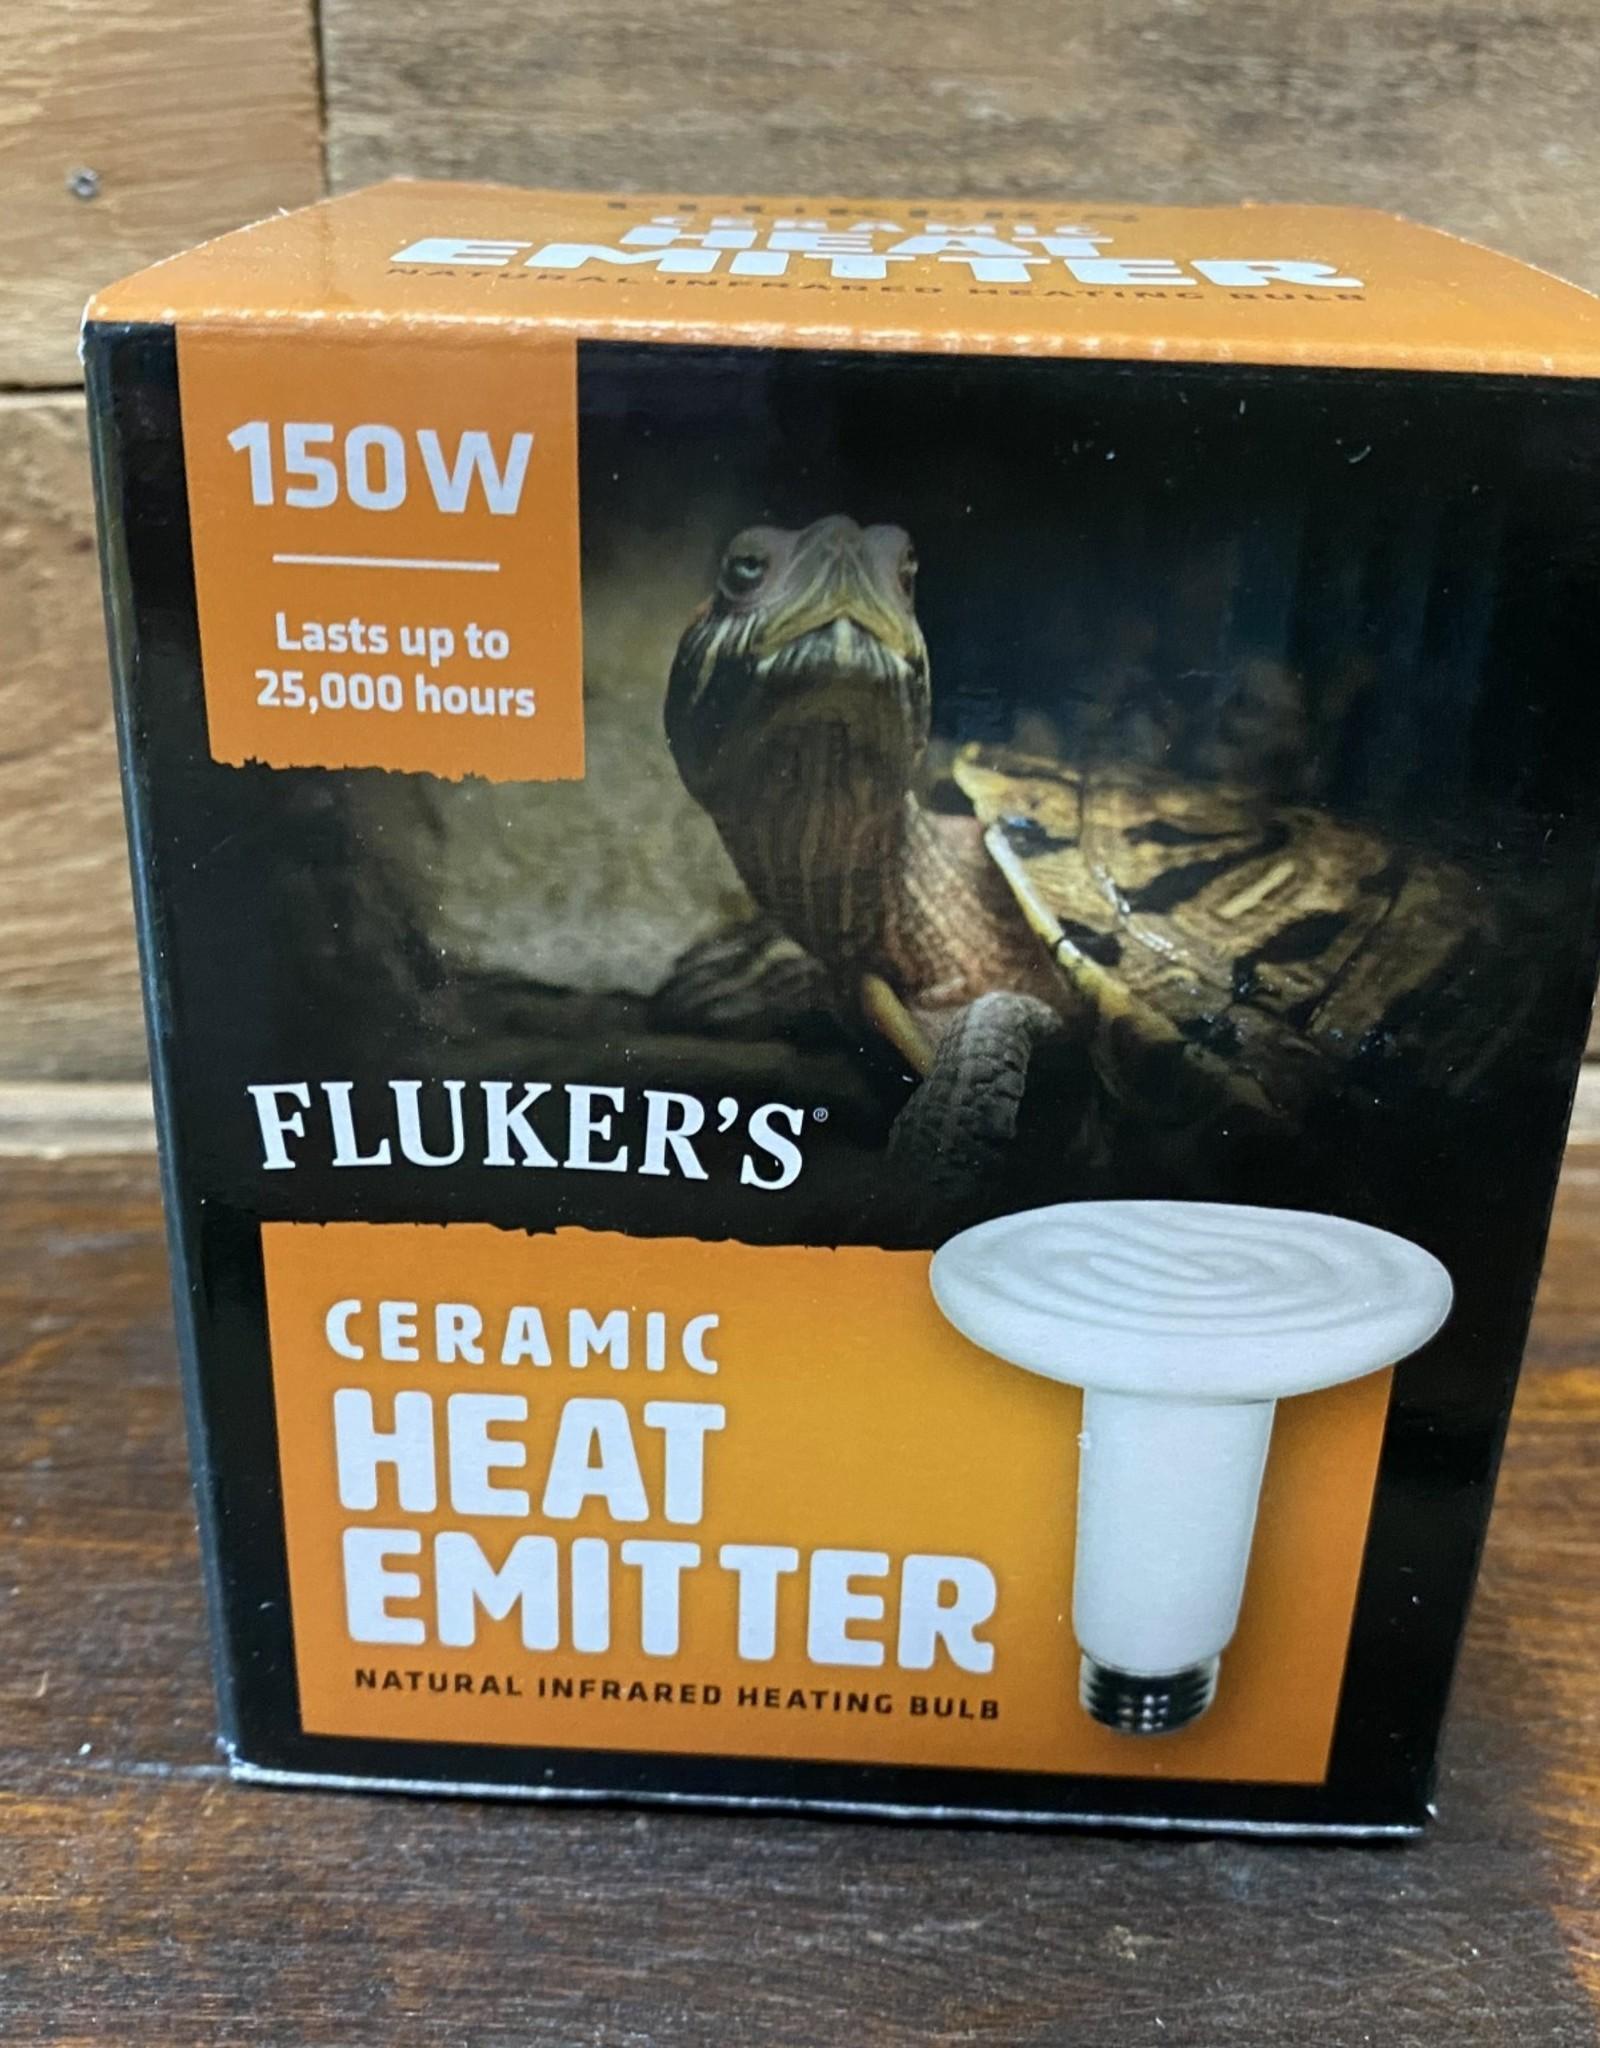 Fluker Ceramic Heat Emitter 150w.